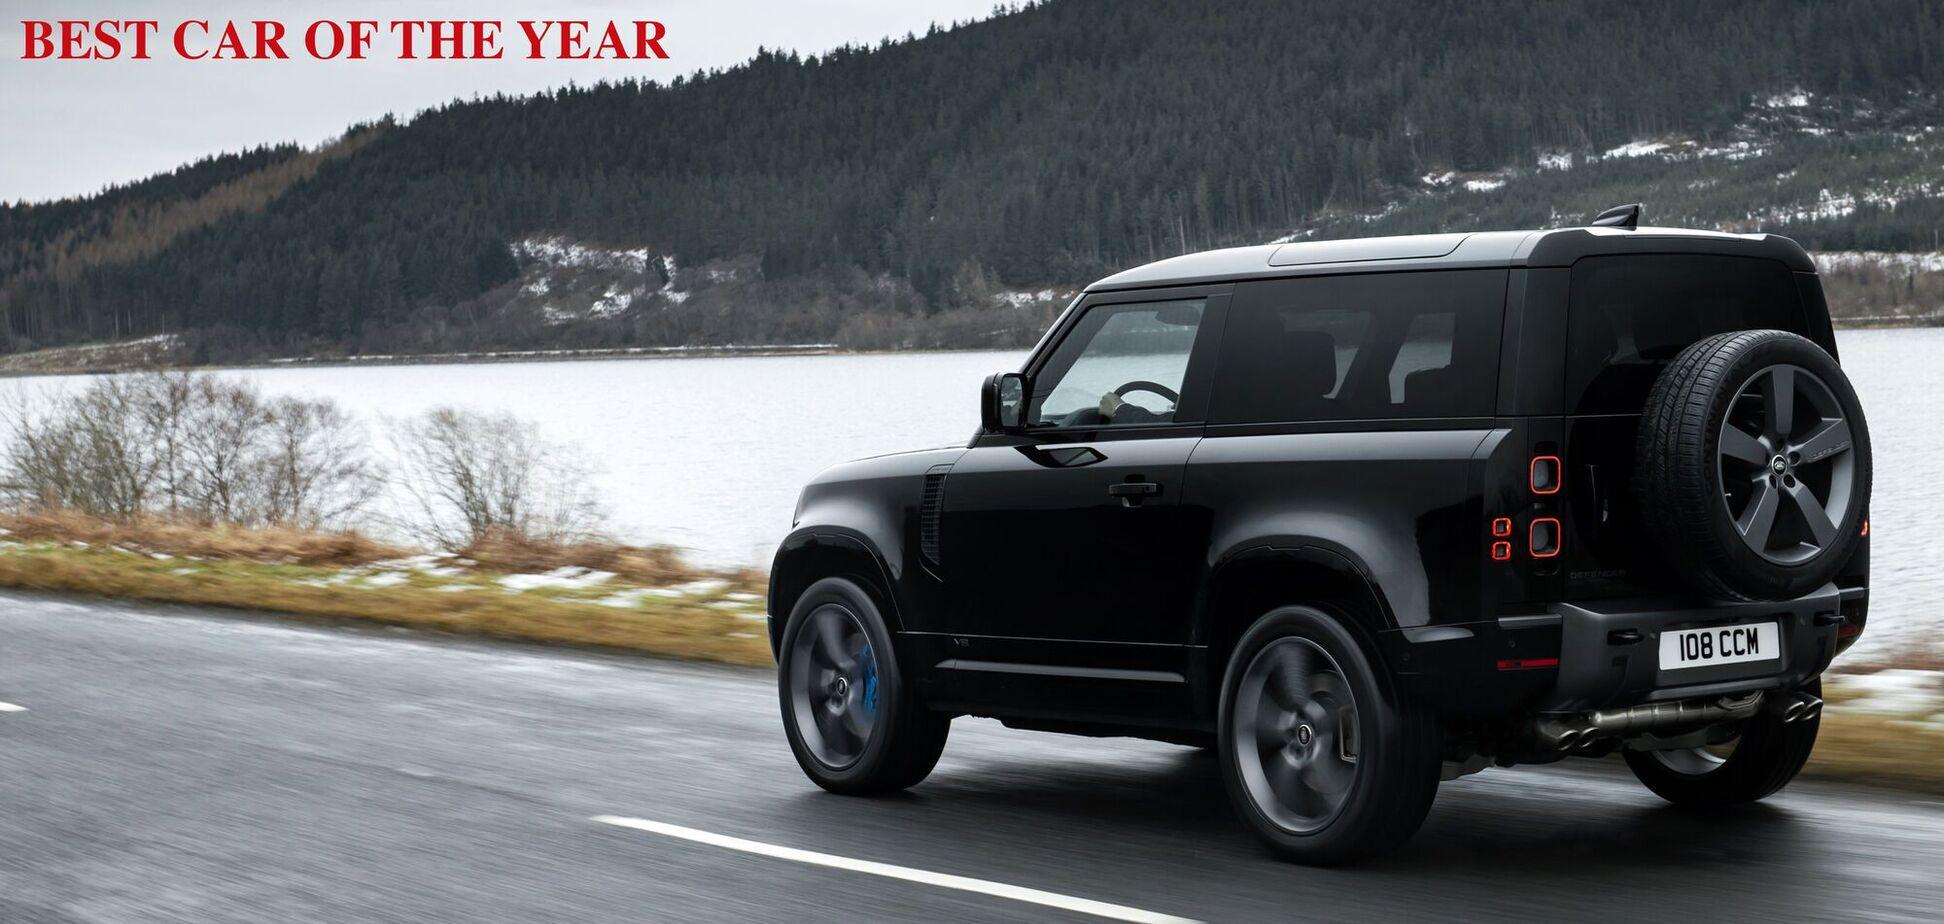 Жінки вибрали Land Rover Defender 'Автомобілем року'